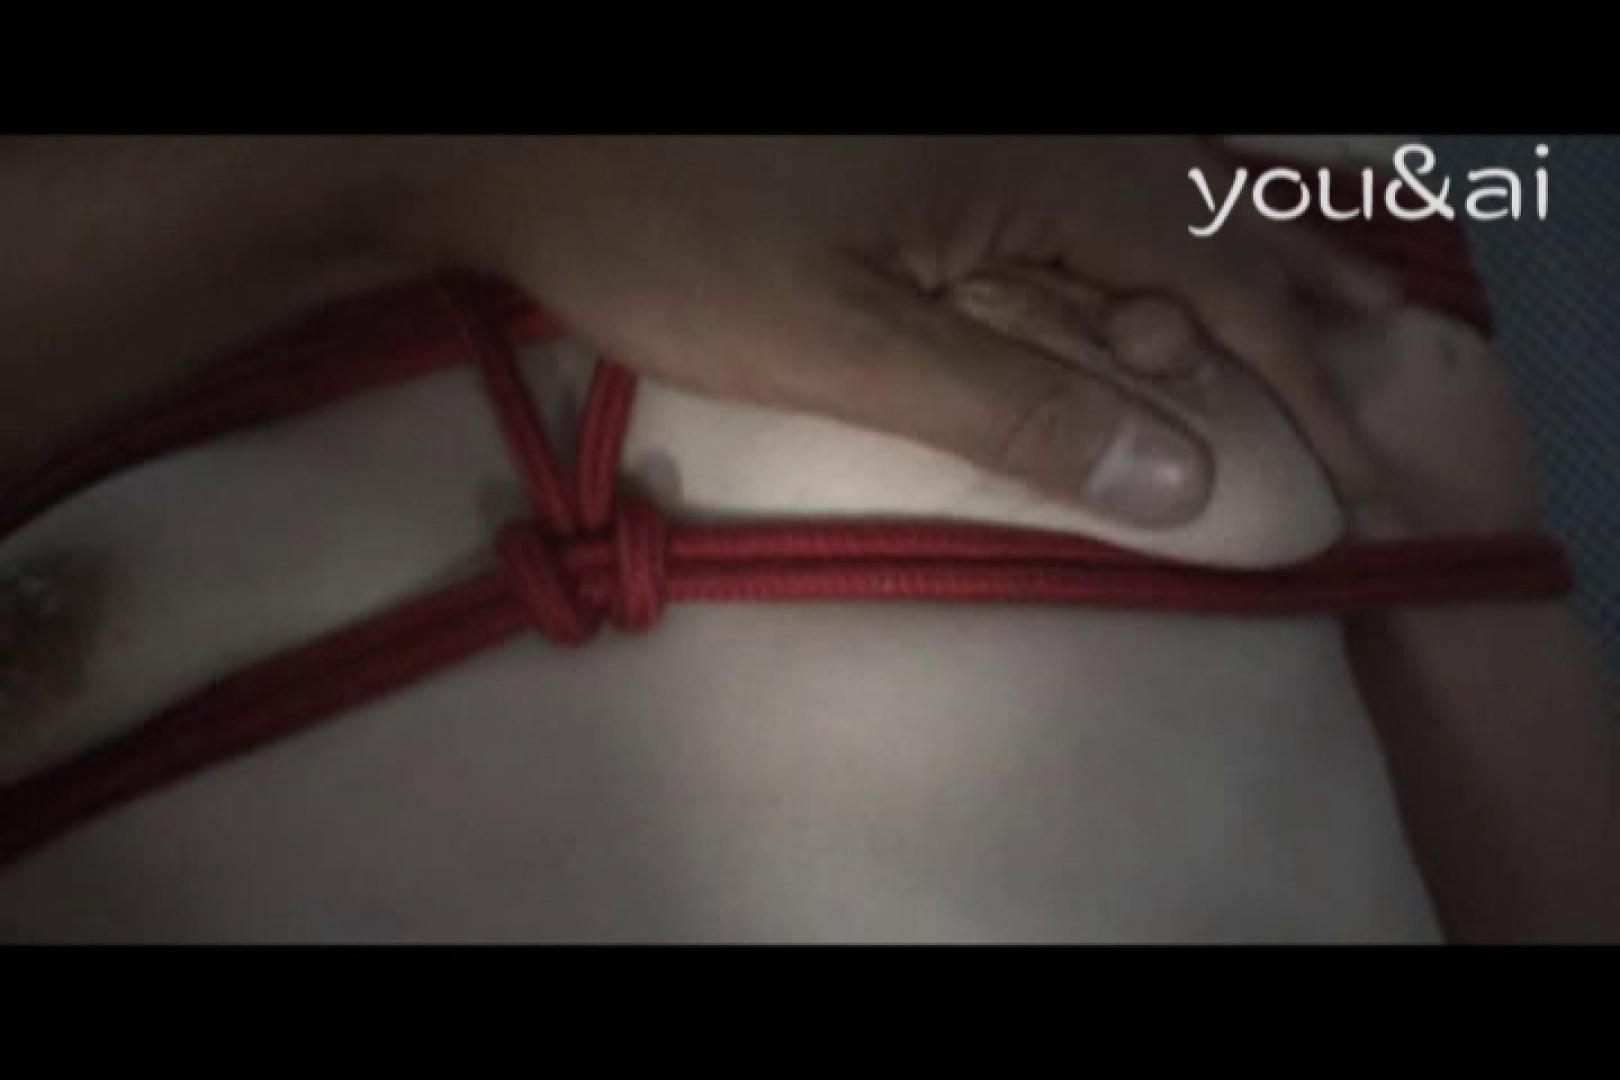 おしどり夫婦のyou&aiさん投稿作品vol.4 SEX 隠し撮りオマンコ動画紹介 104枚 32